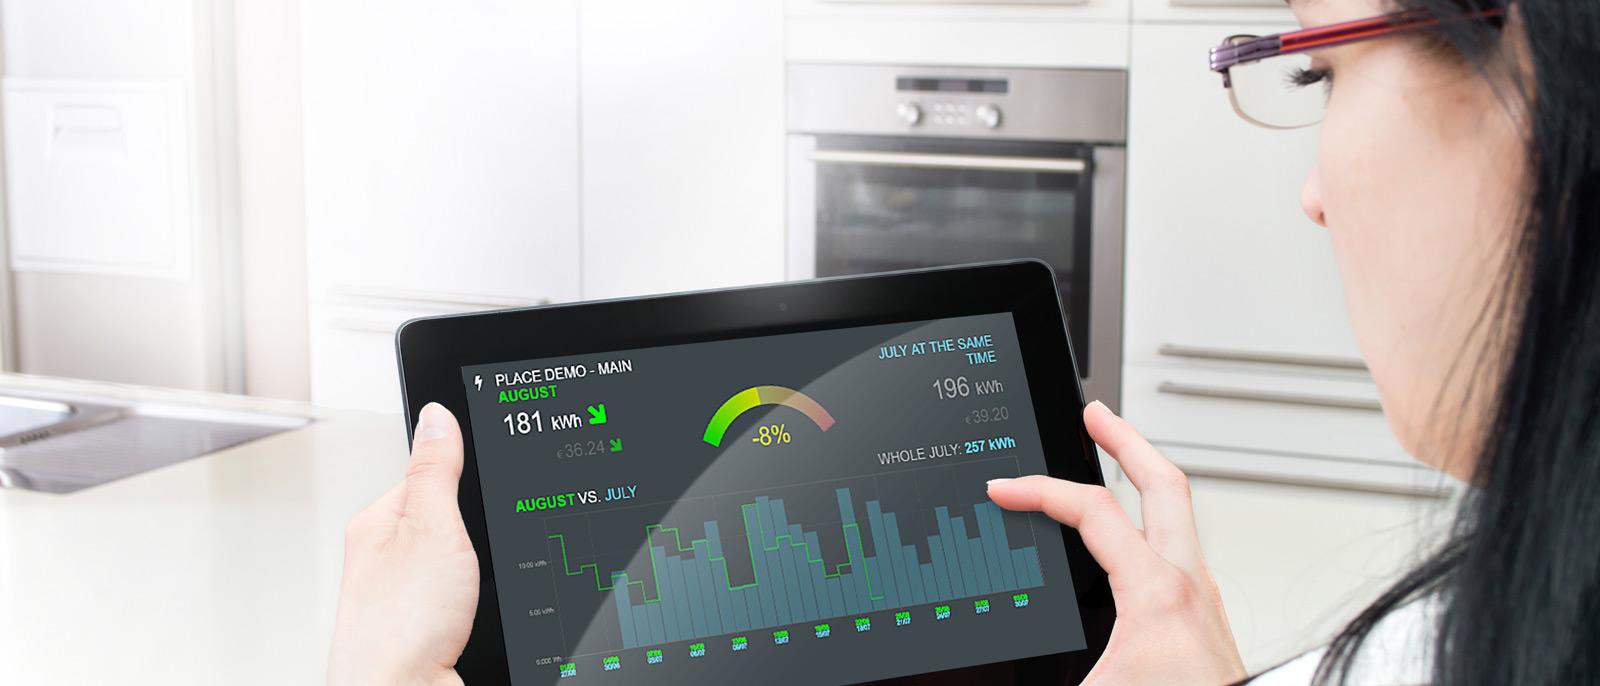 Sie Wollen Ihre Energieeffizienz Steigern Und Ihre Energiekosten Dauerhaft  Senken? Hier Gibt Es Praxis Anleitungen Die Funktionieren. Wirklich!